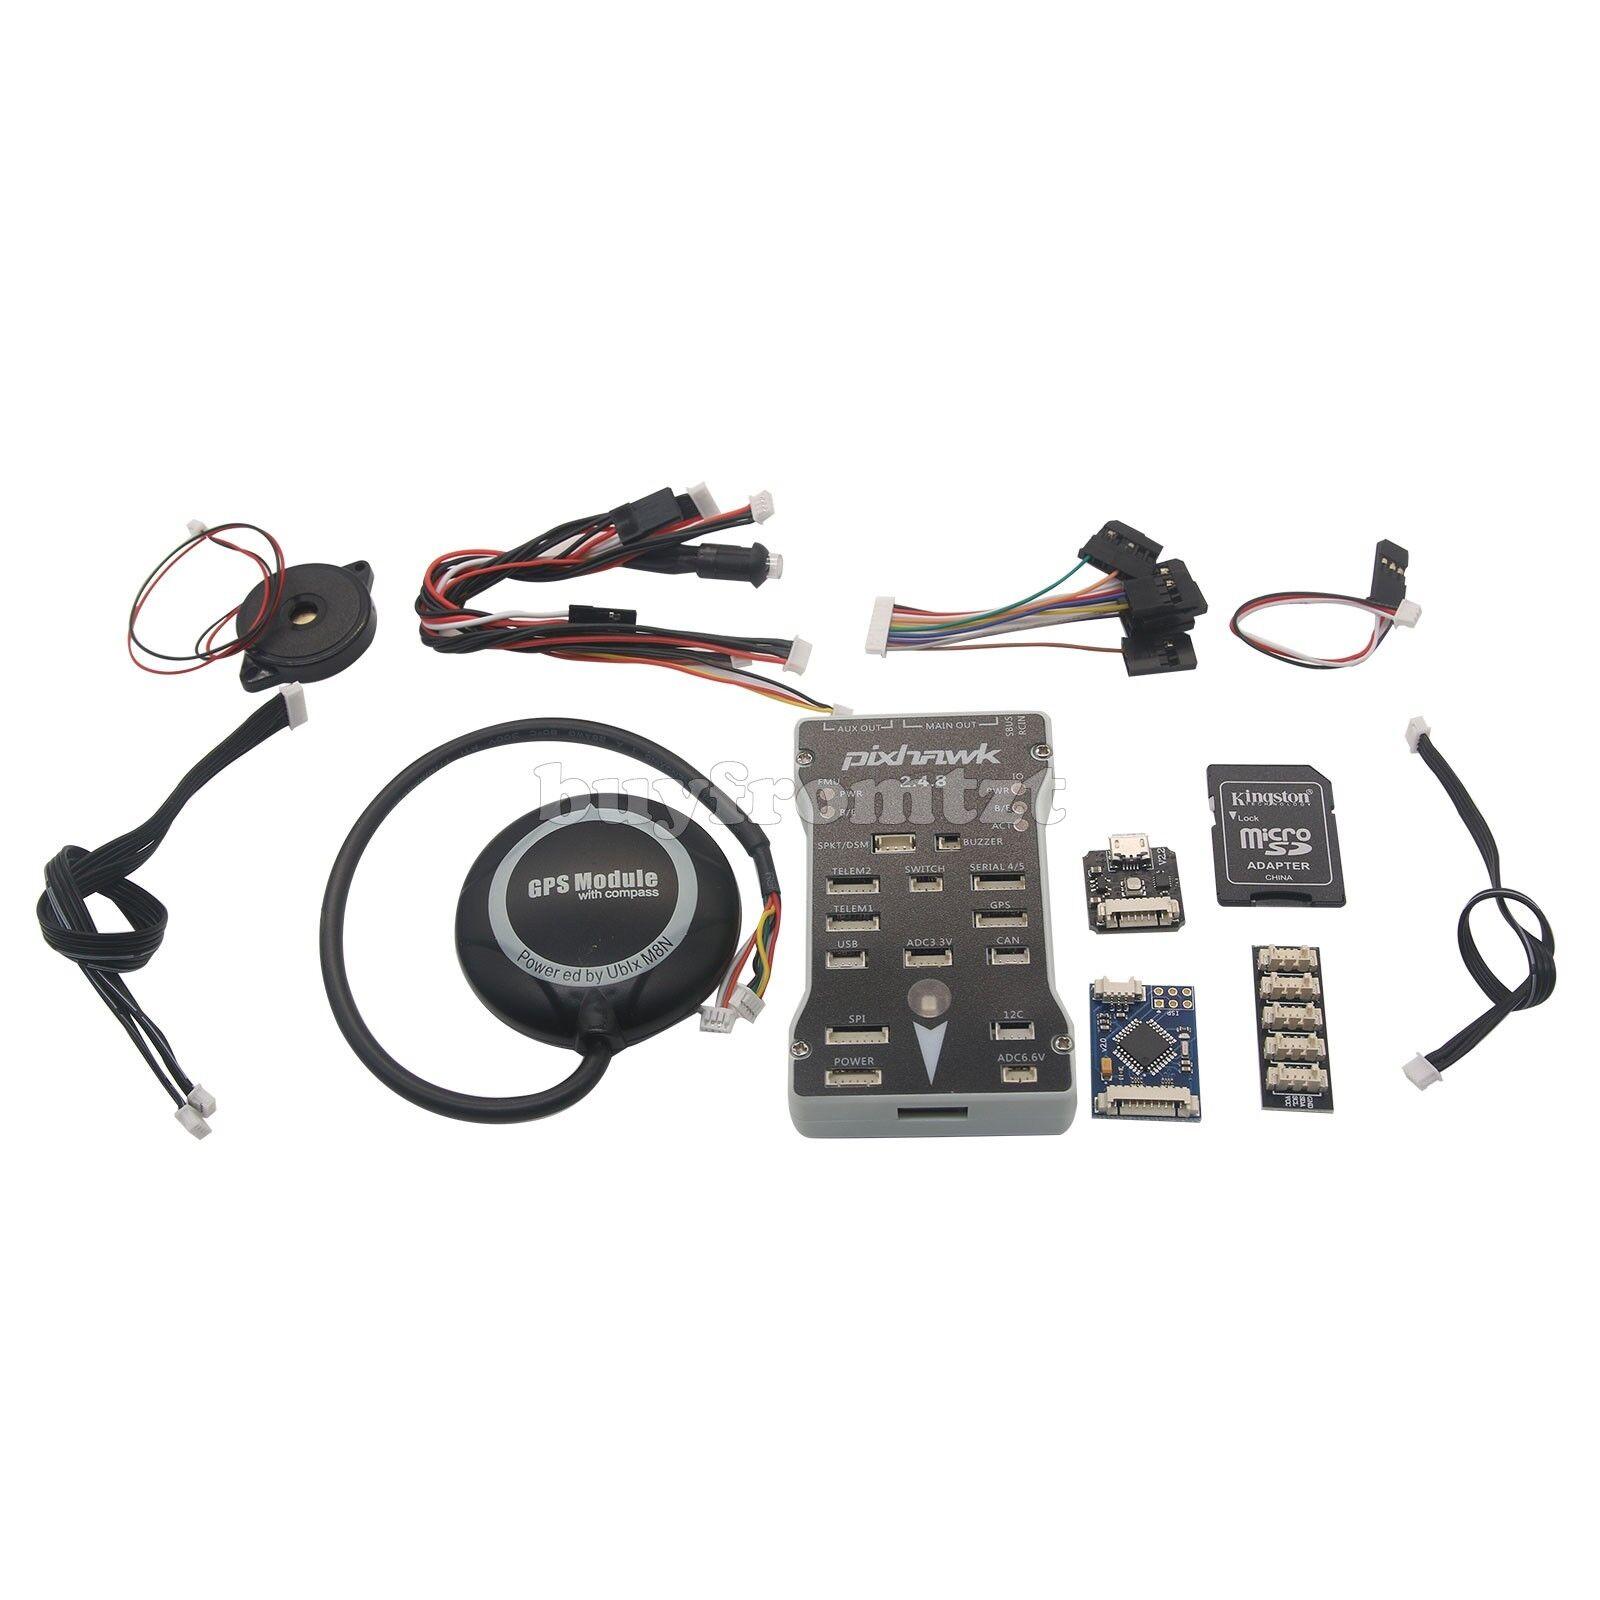 con il prezzo economico per ottenere la migliore marca Pixhawk PX4 2.4.8 ARM FPV volo Controller+M8N Controller+M8N Controller+M8N GPS+PPM +LED +I2C Splitter B-  a buon mercato